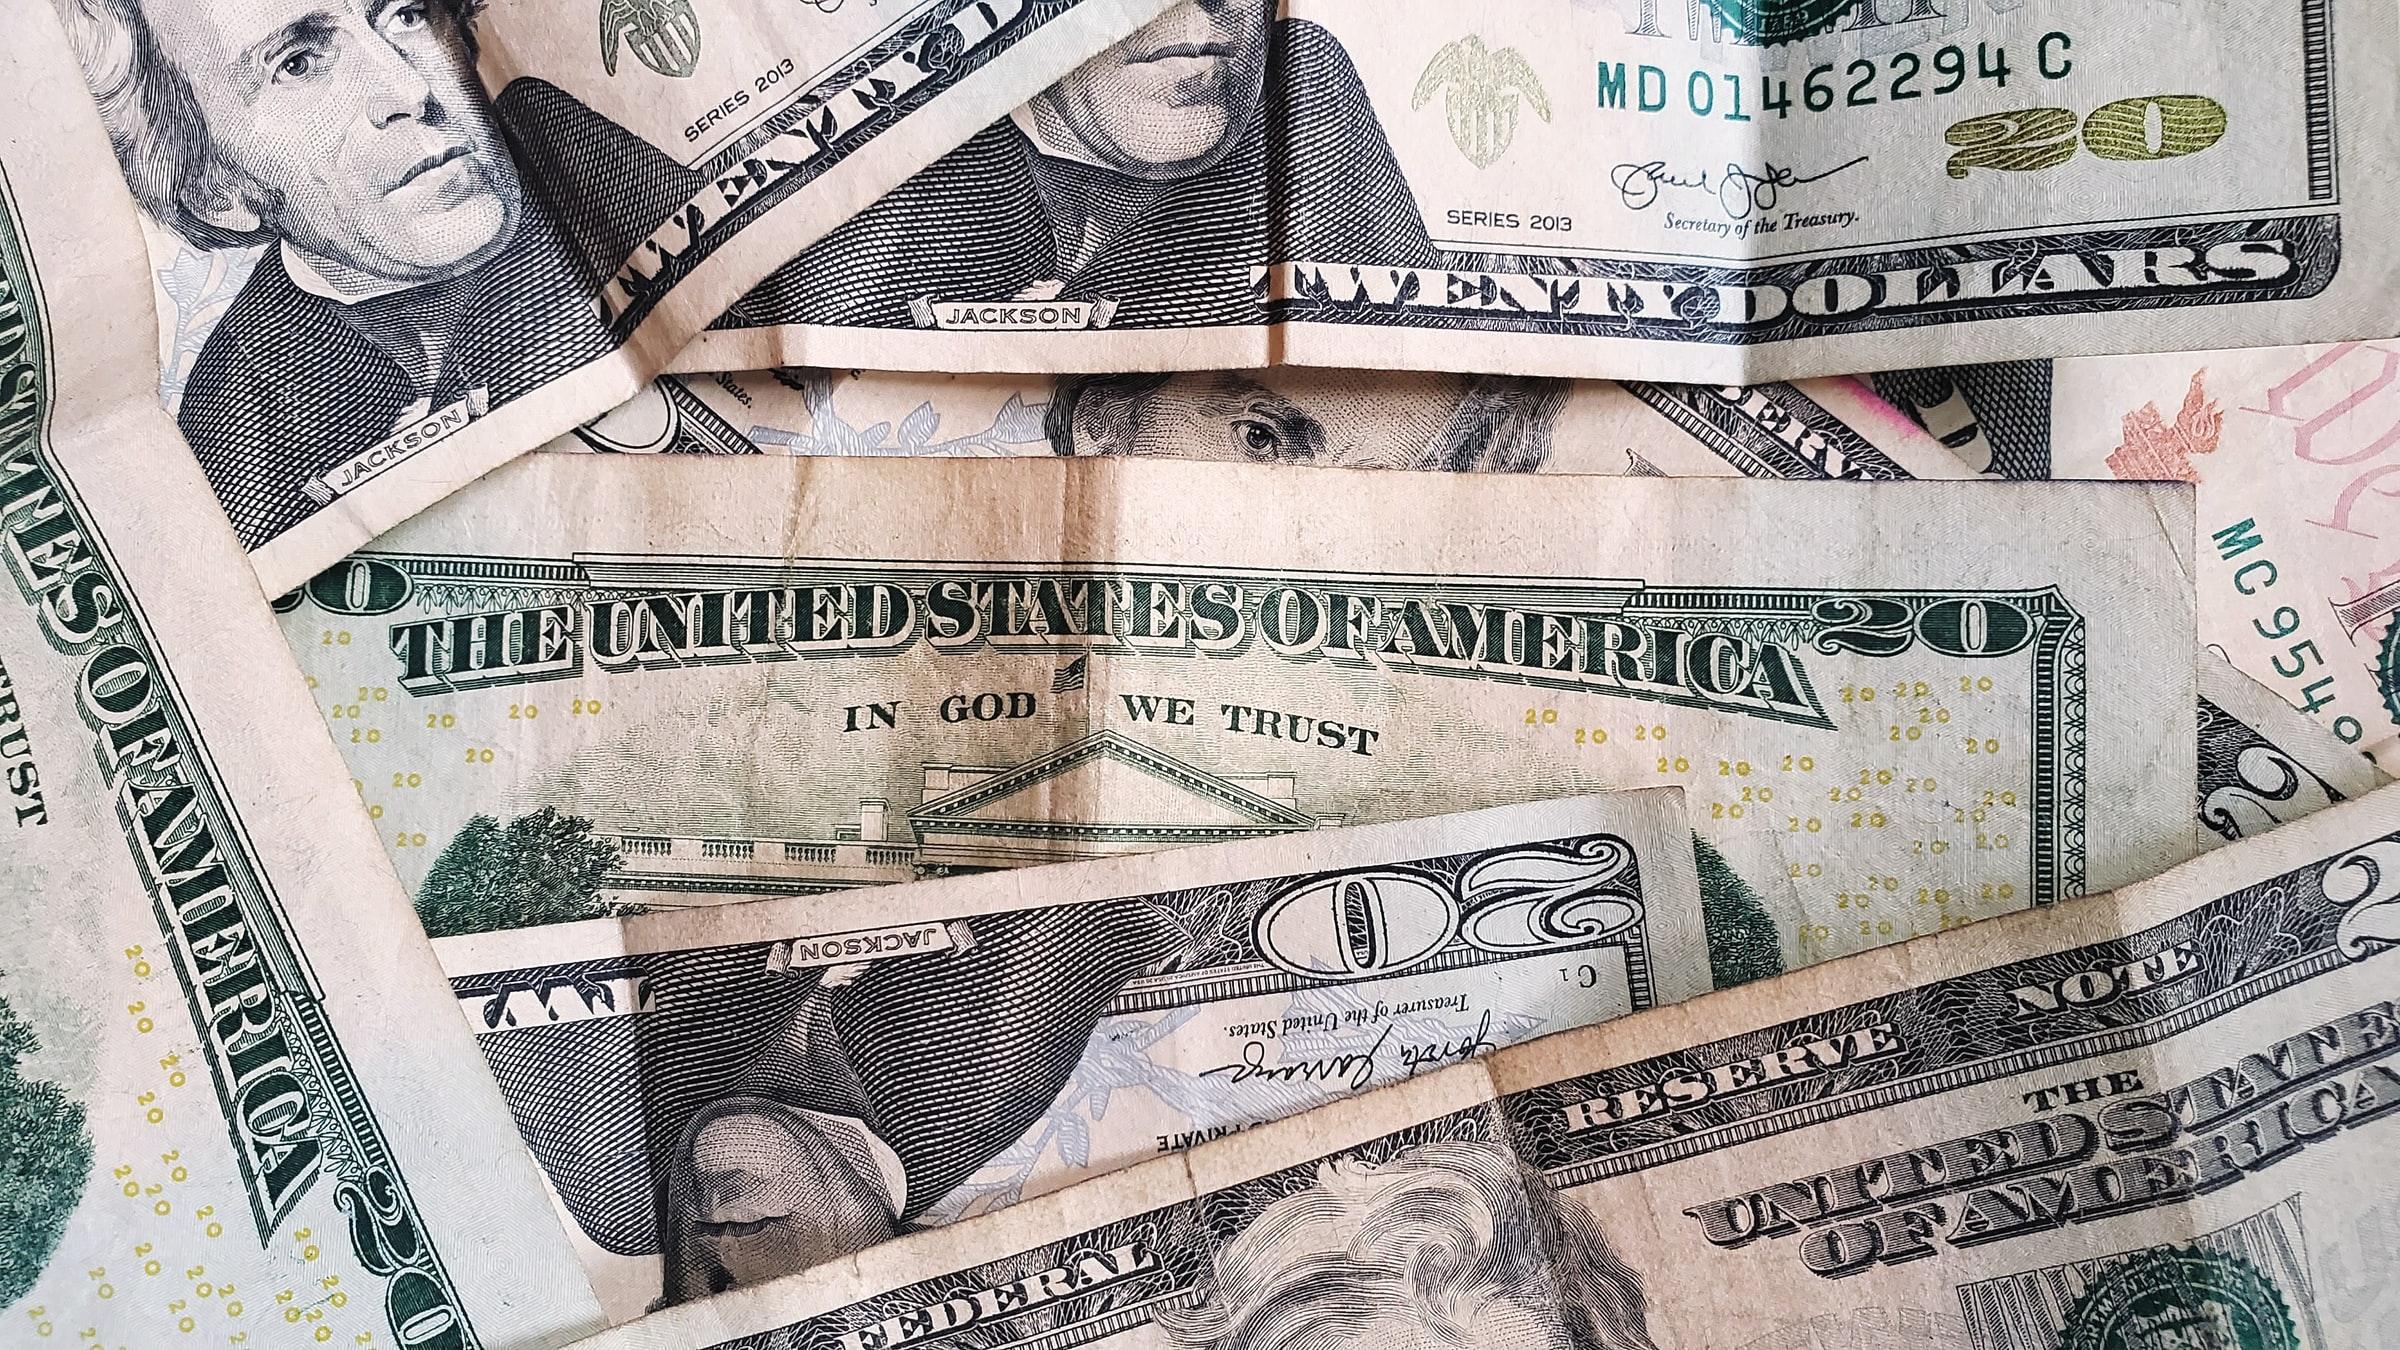 Invesco US Treasury Bond 0-1 Year UCITS ETF Acc (TRIA ETF) investerar i amerikanska statsskuldväxlar med fokus på USA. Obligationens löptid är mellan 0-1 år. De underliggande obligationerna har AAA-betyg